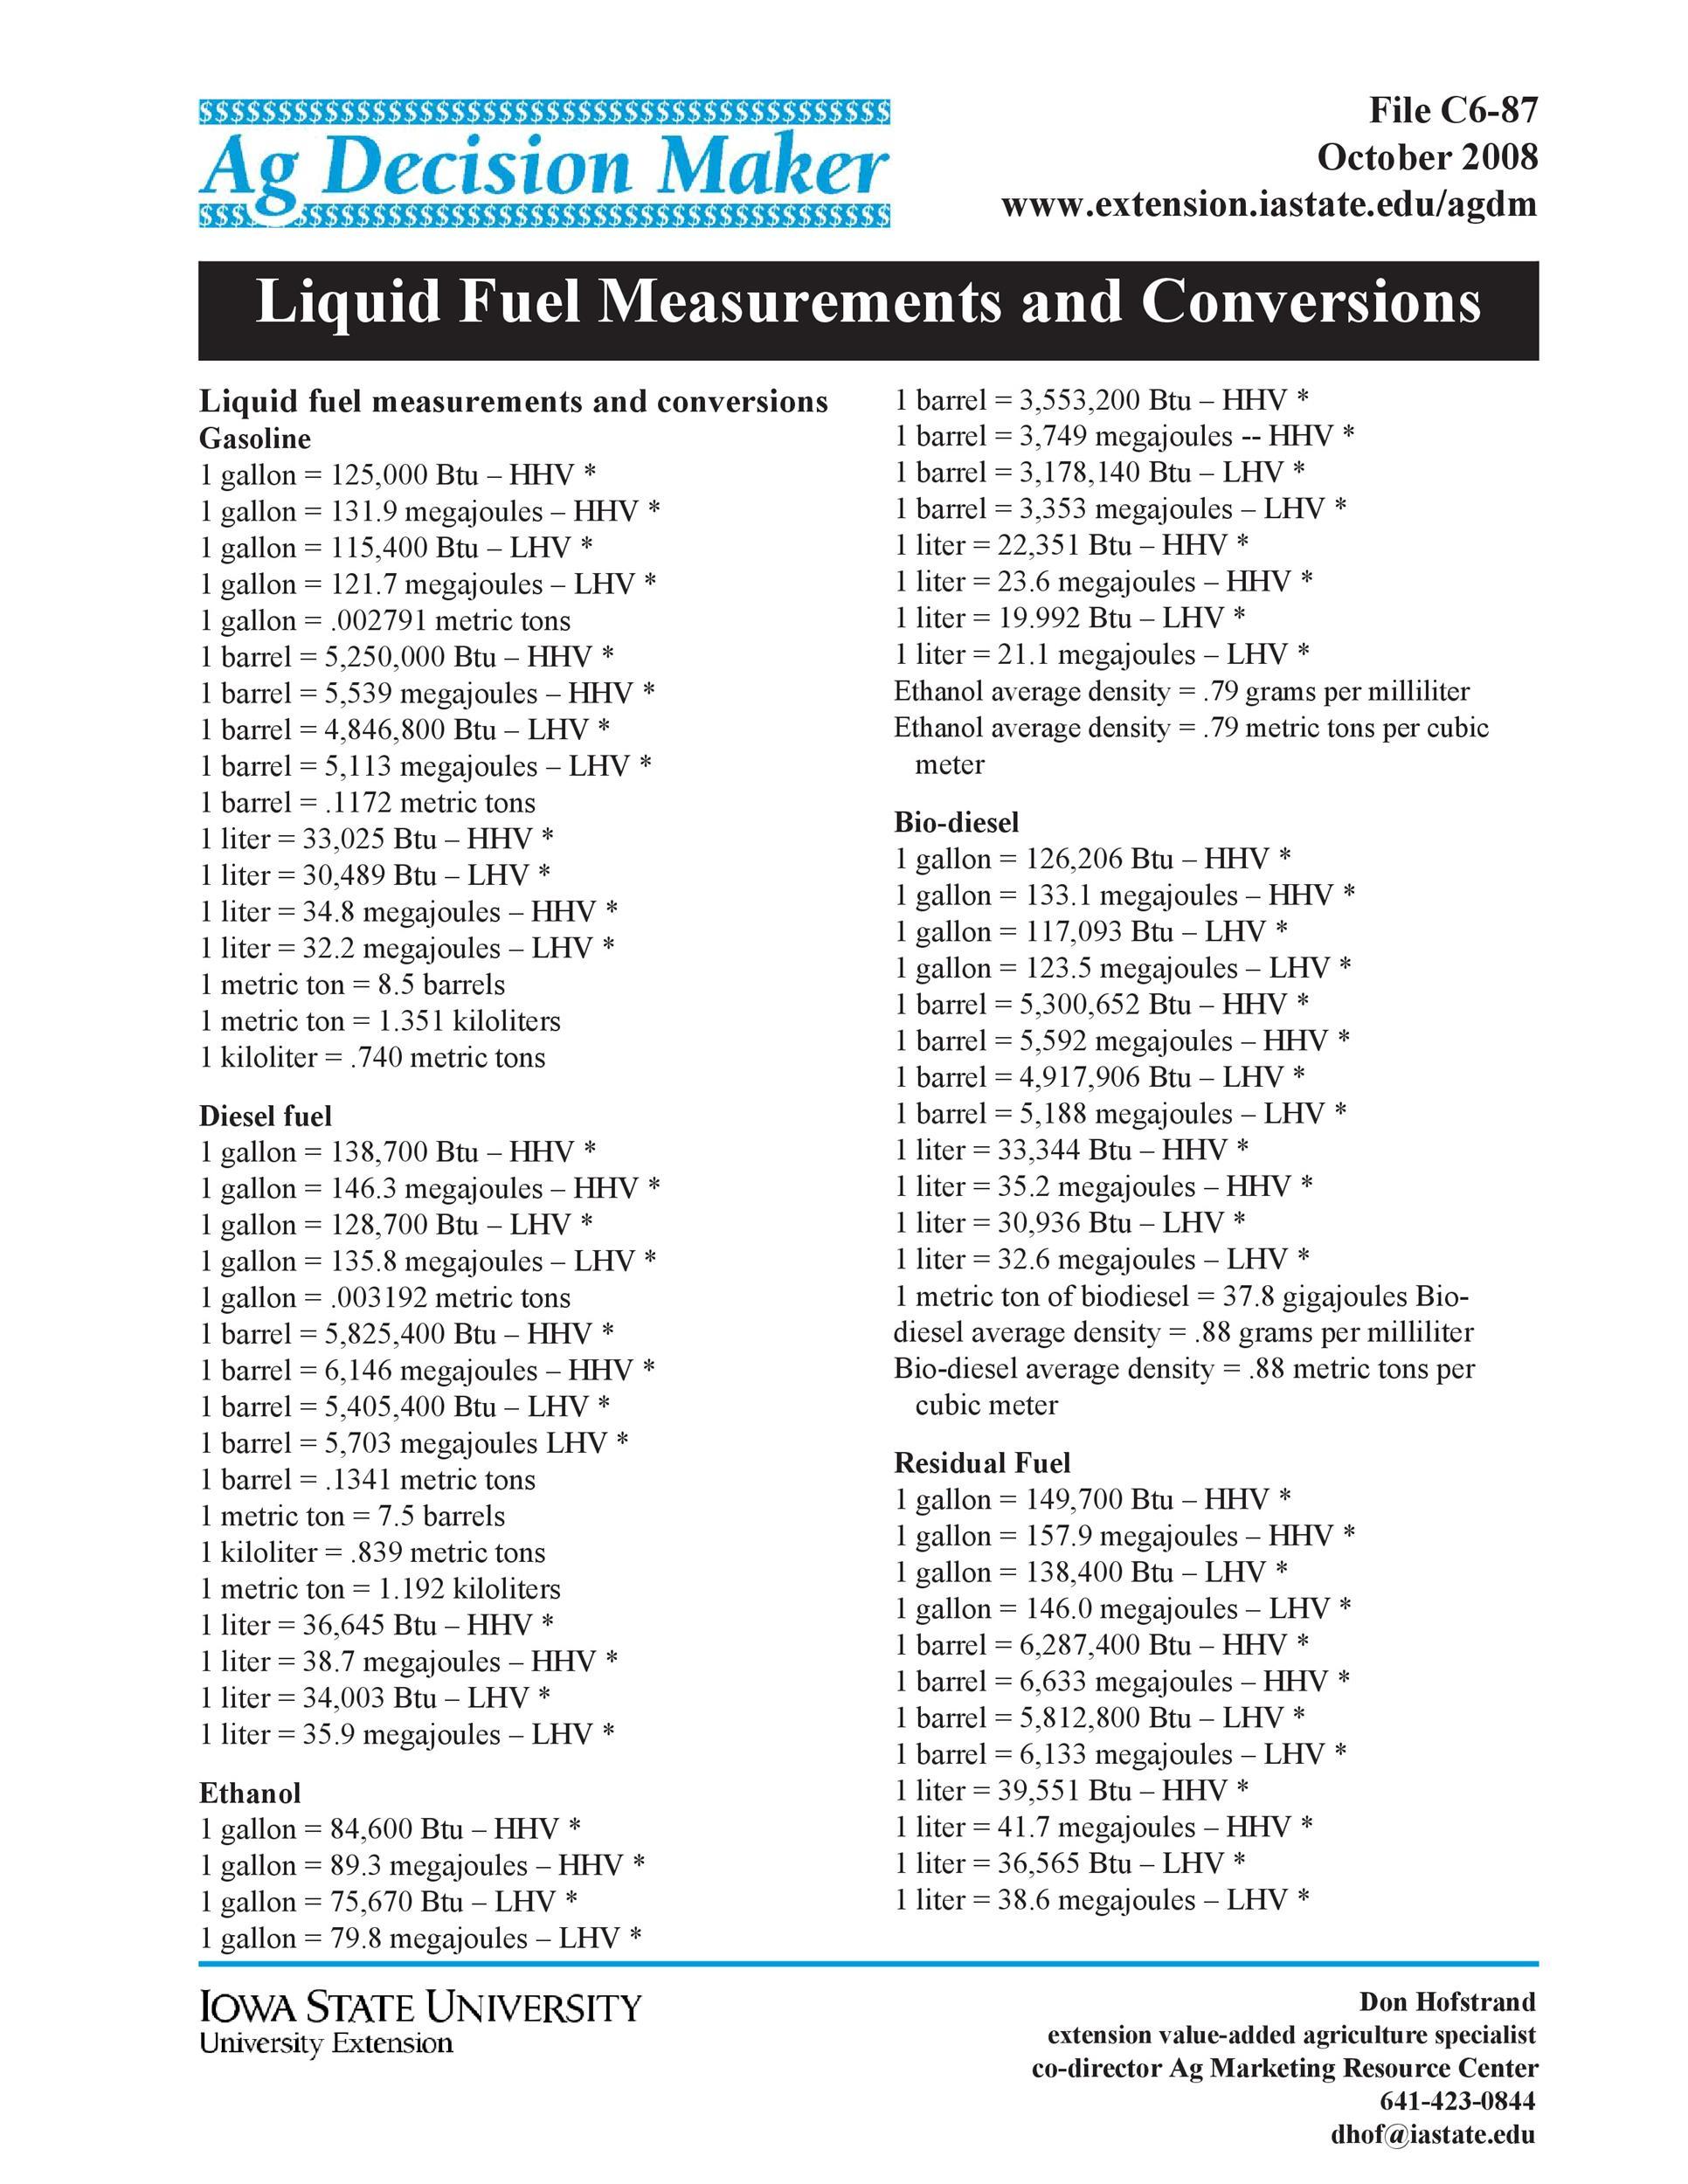 Free liquid measurements chart 07